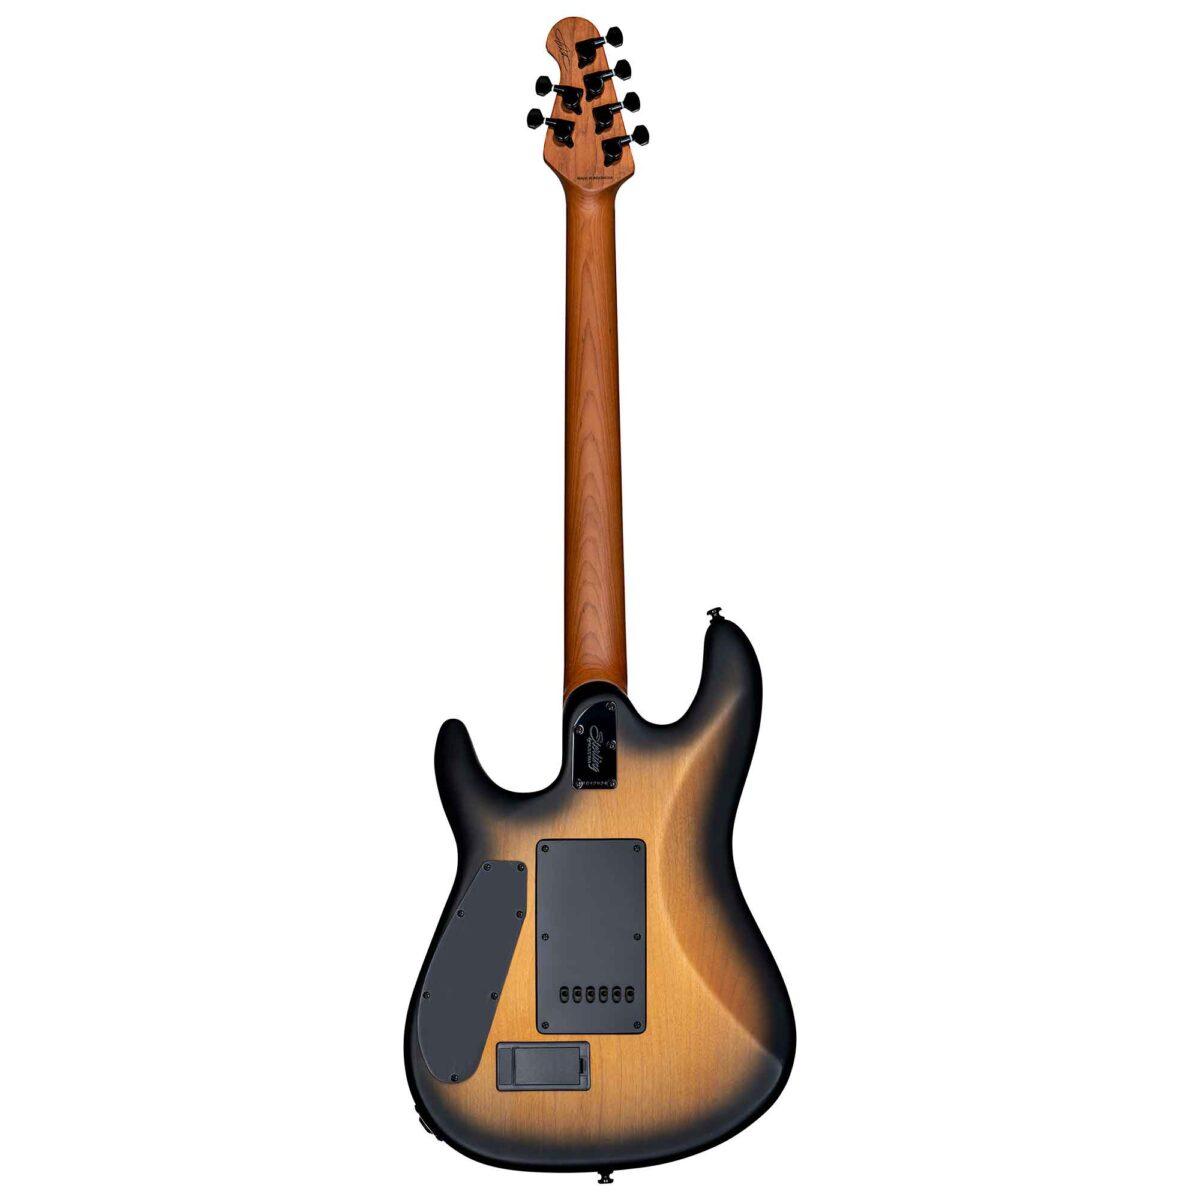 גיטרה חשמלית Sterling by Music Man Jason Richardson 6